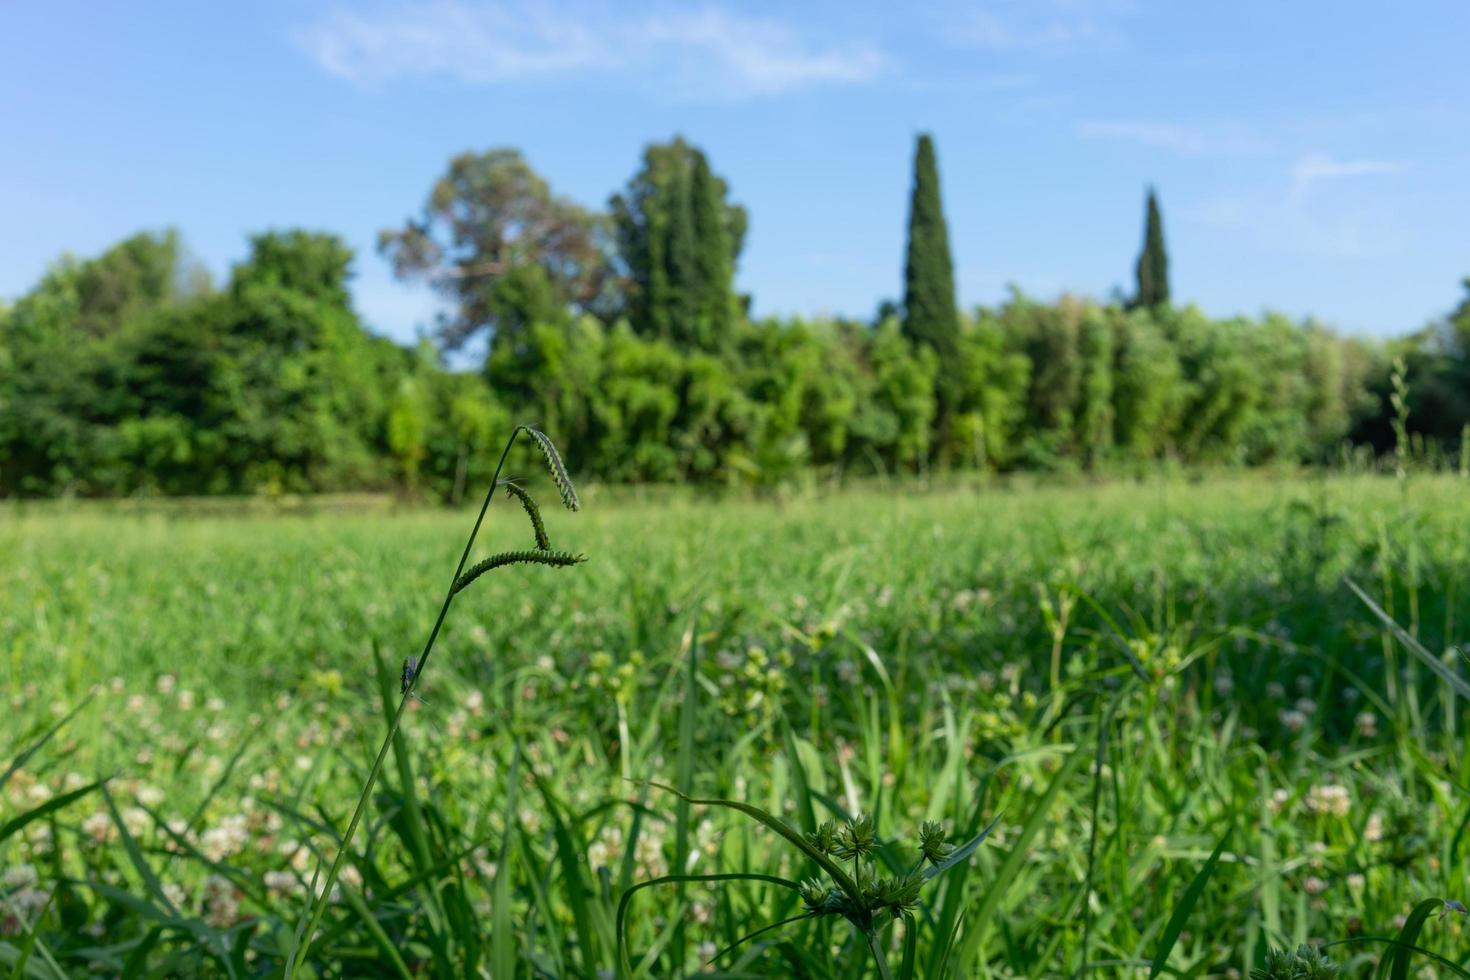 naturlig bakgrund med grönt gräs och träd i horisonten foto